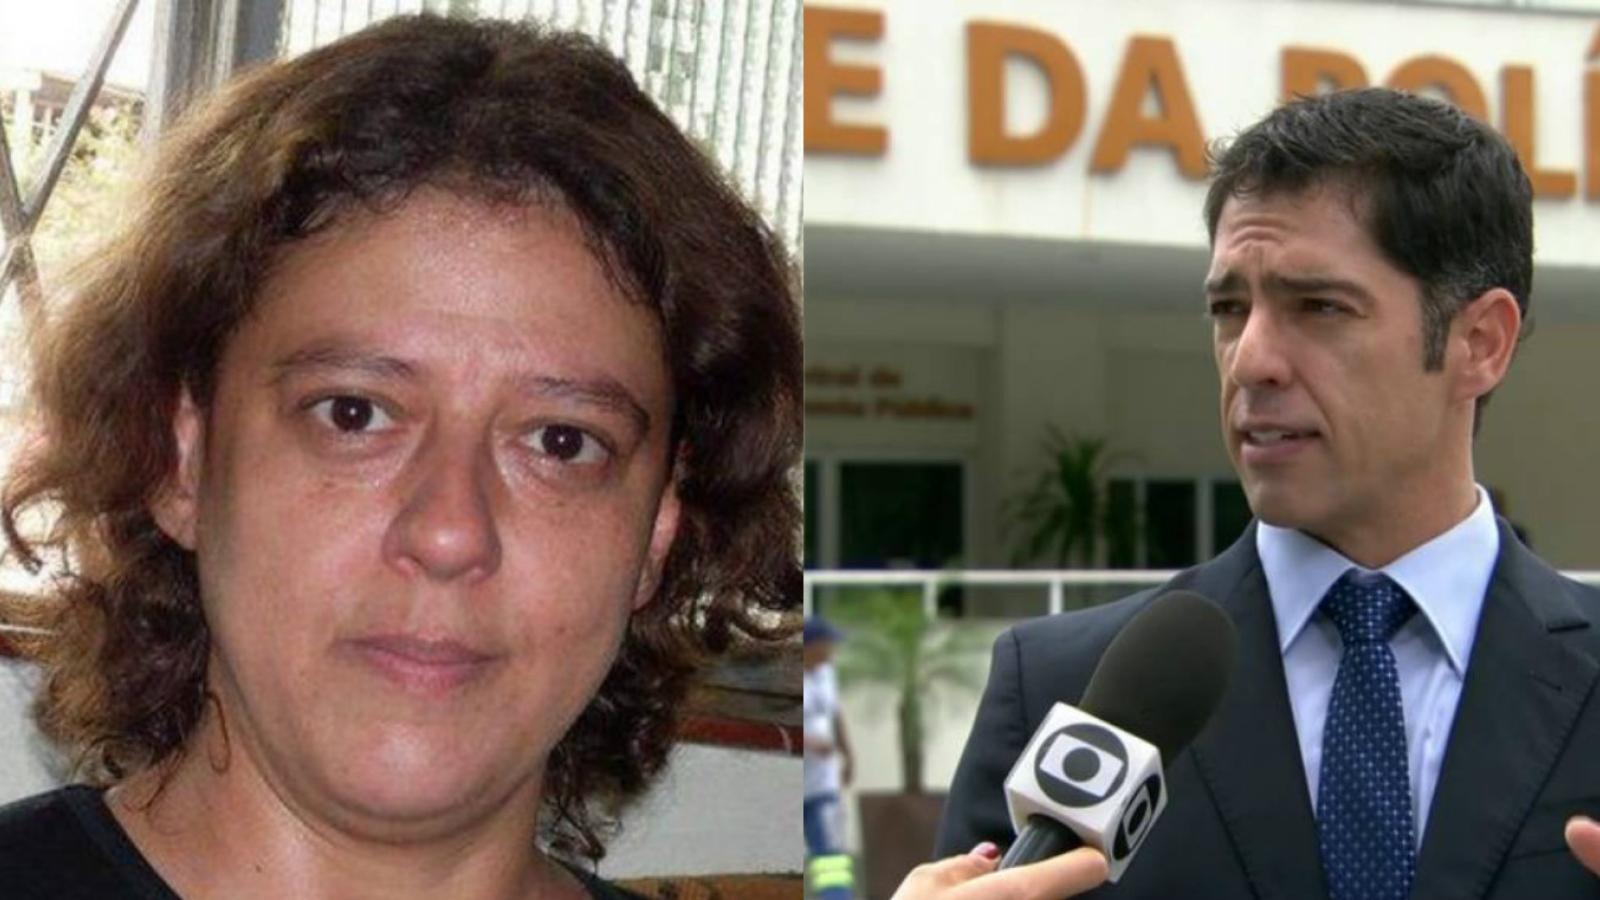 Estupro Coletivo – Delegacia da Criança assume investigação do crime no Rio